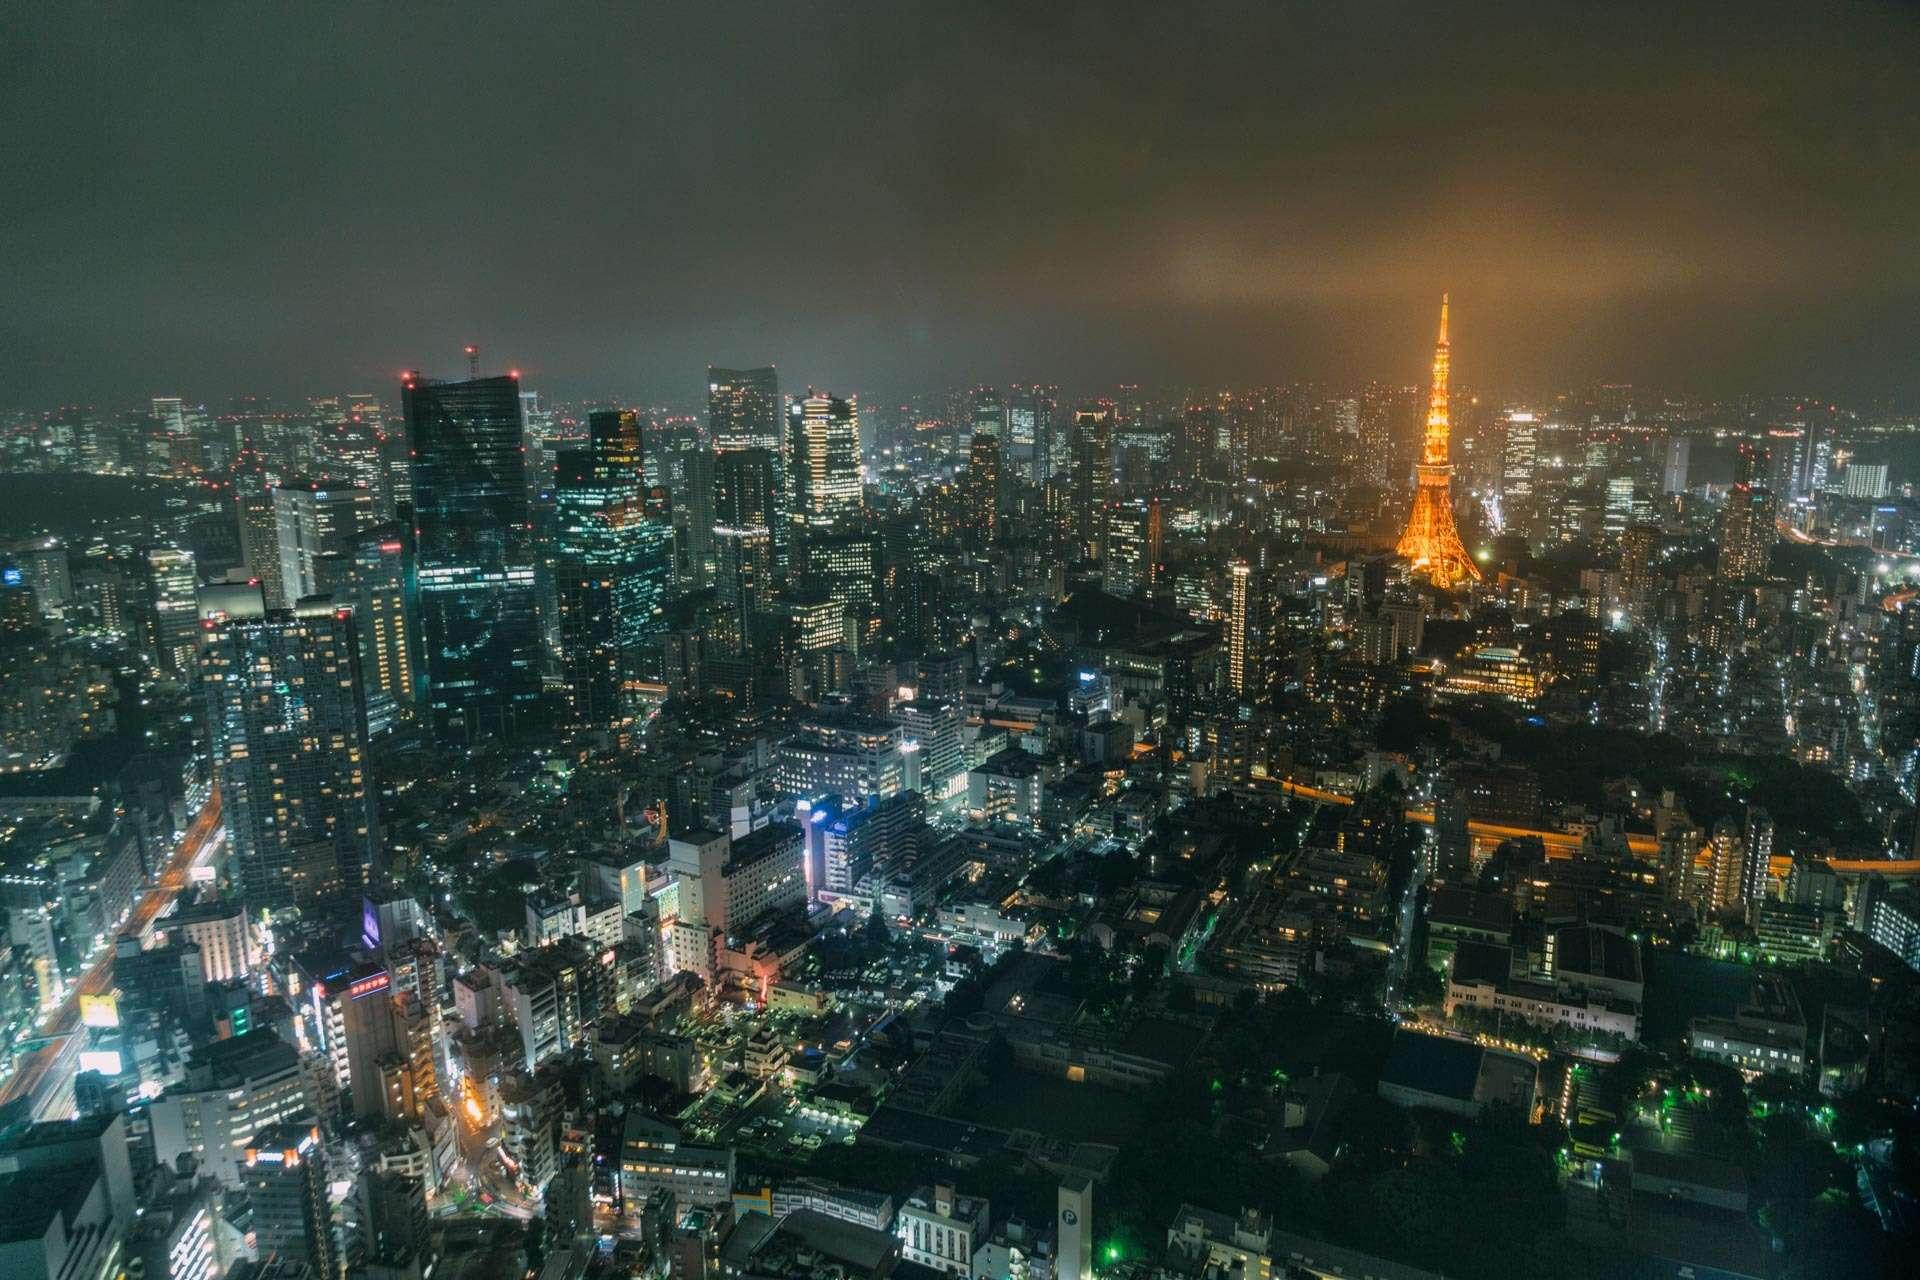 Nattestemning oplyst af Tokyo Tower, som er bygget med inspiration fra Eiffeltårnet (og ca. 10 meter højere).